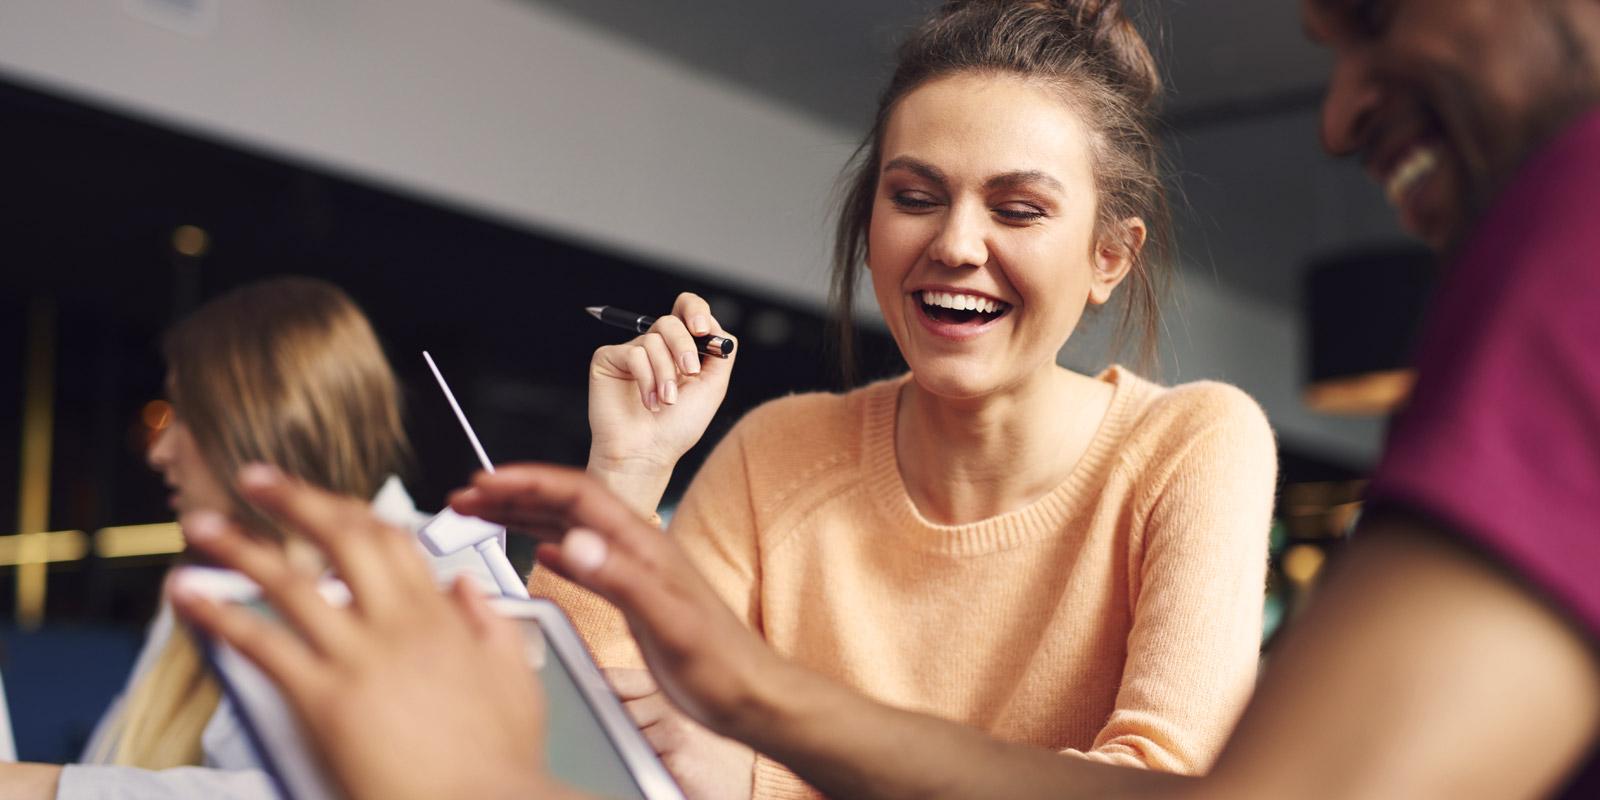 Eine junge Faru sitzt lachend am Schreibtisch